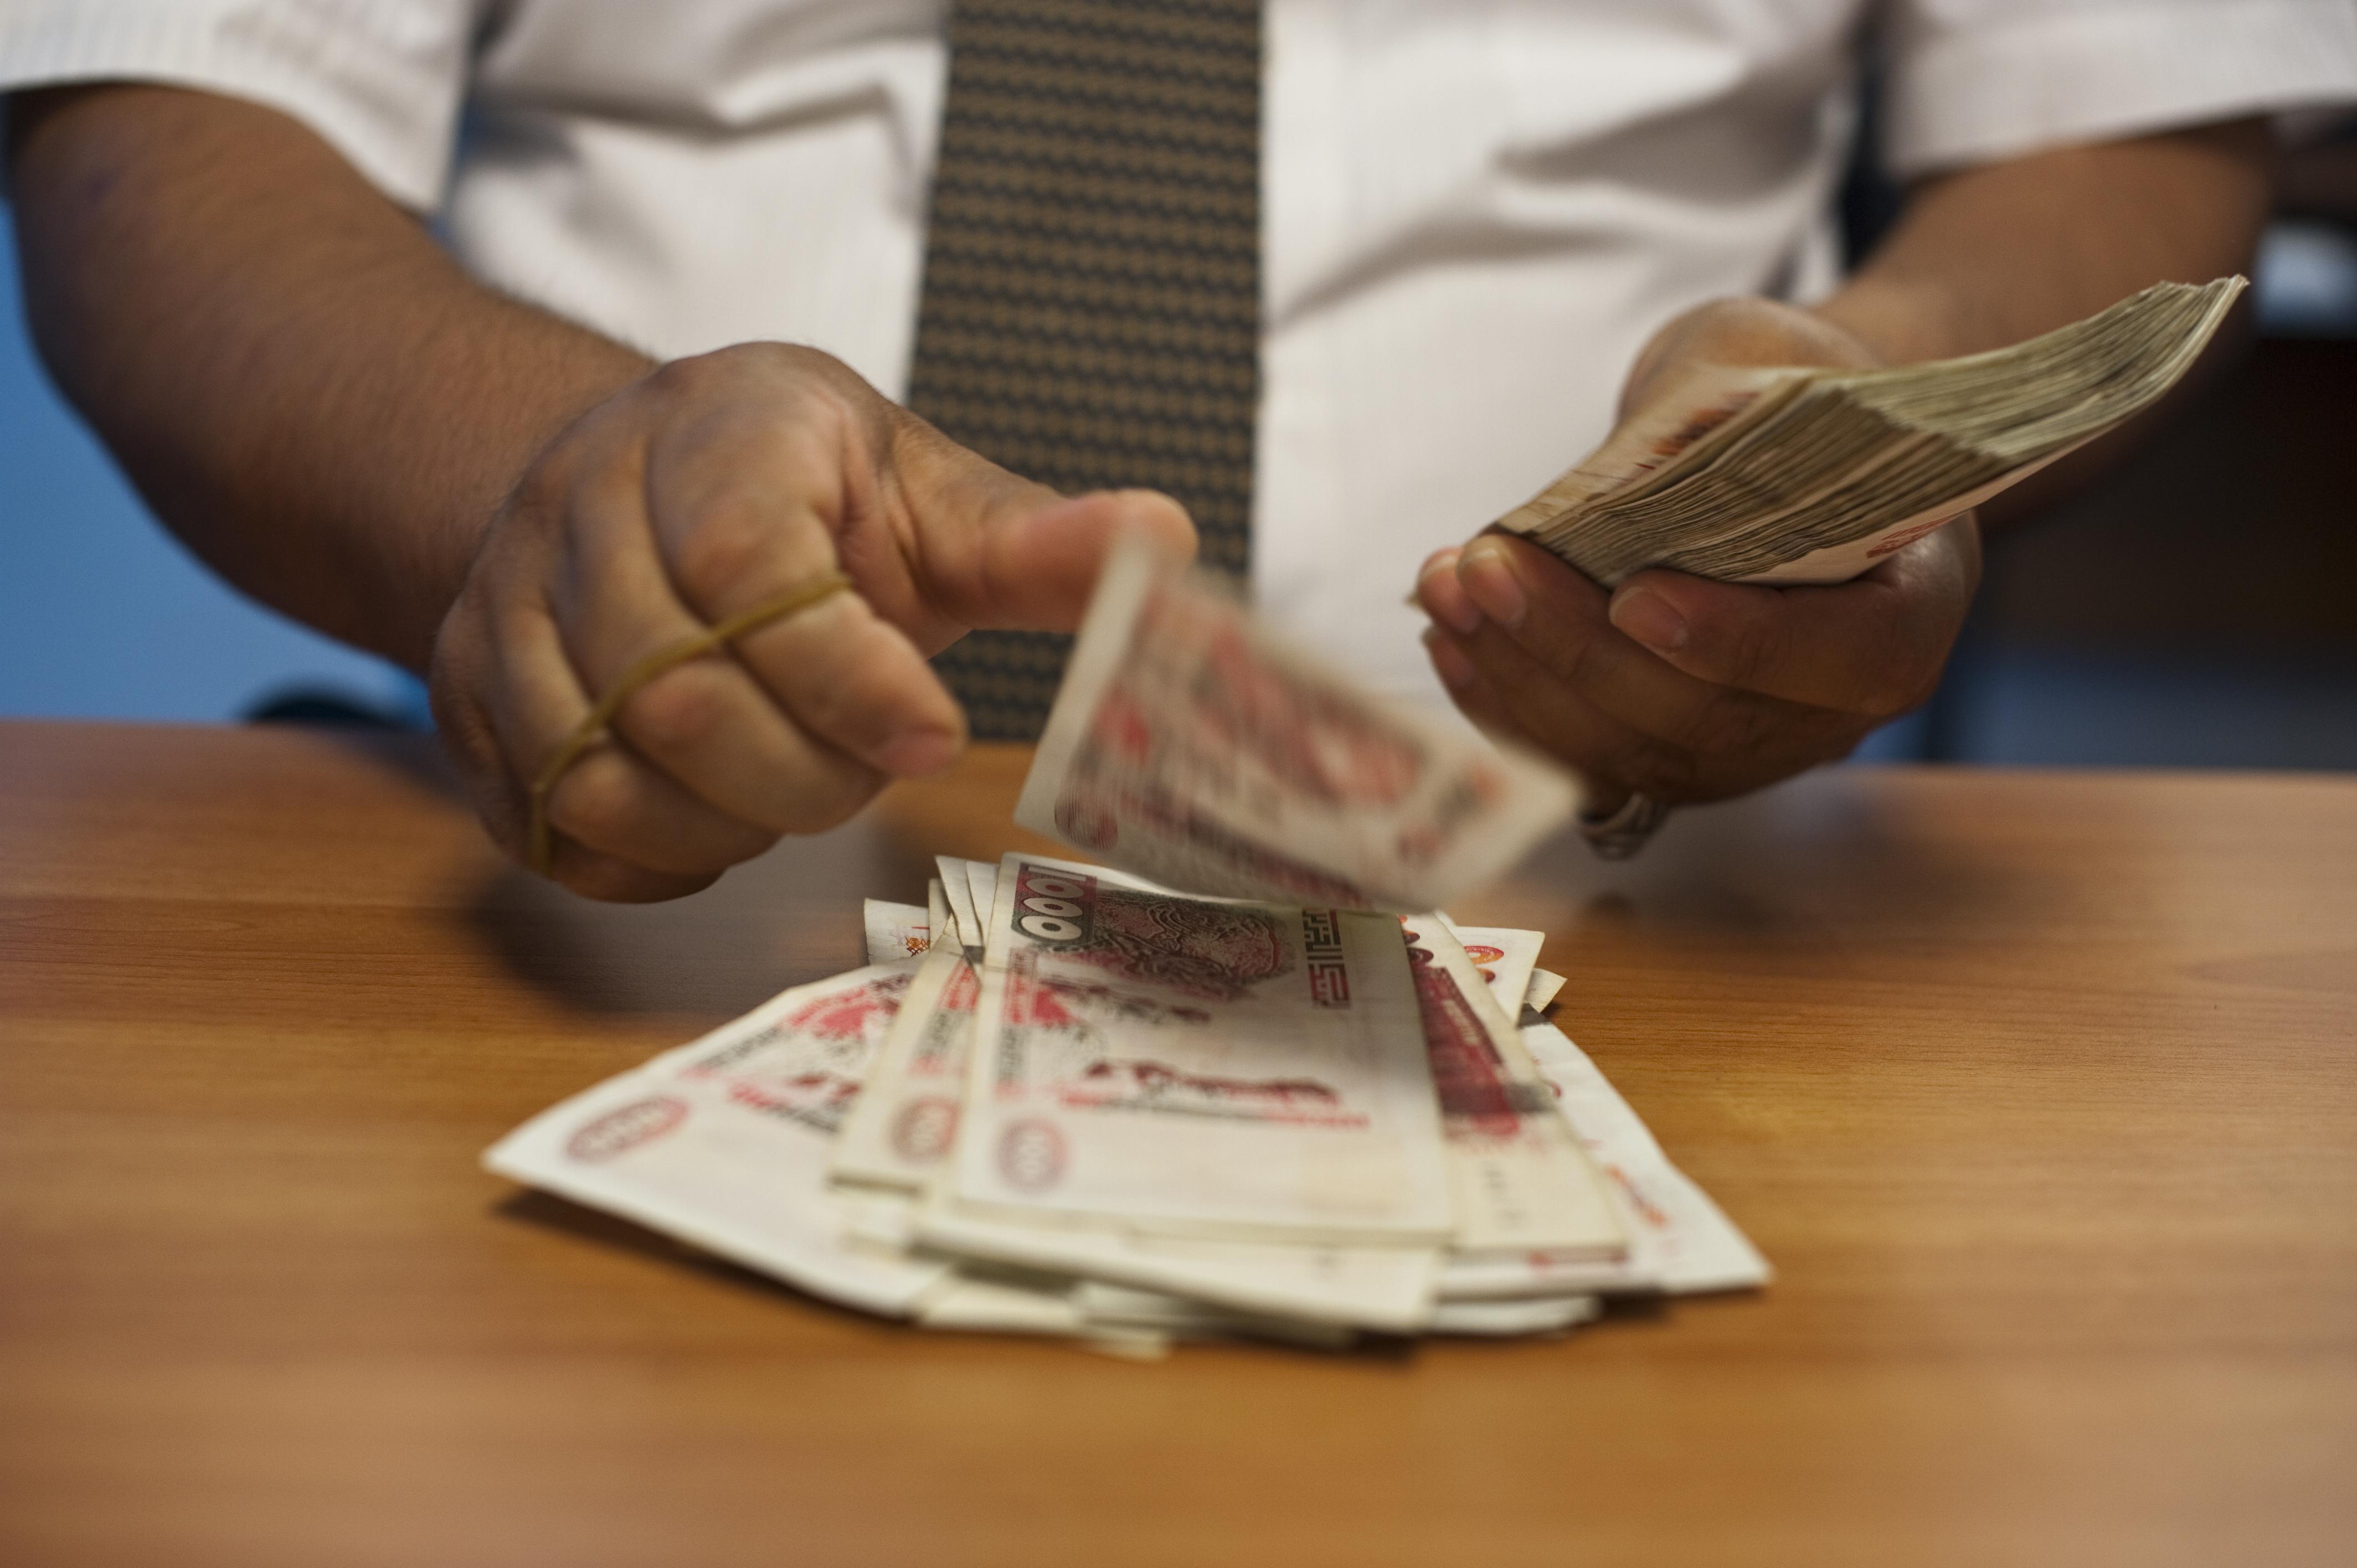 دينار الجزائر يتراجع لأدنى مستوى في 4 أشهر أمام اليورو والإسترليني